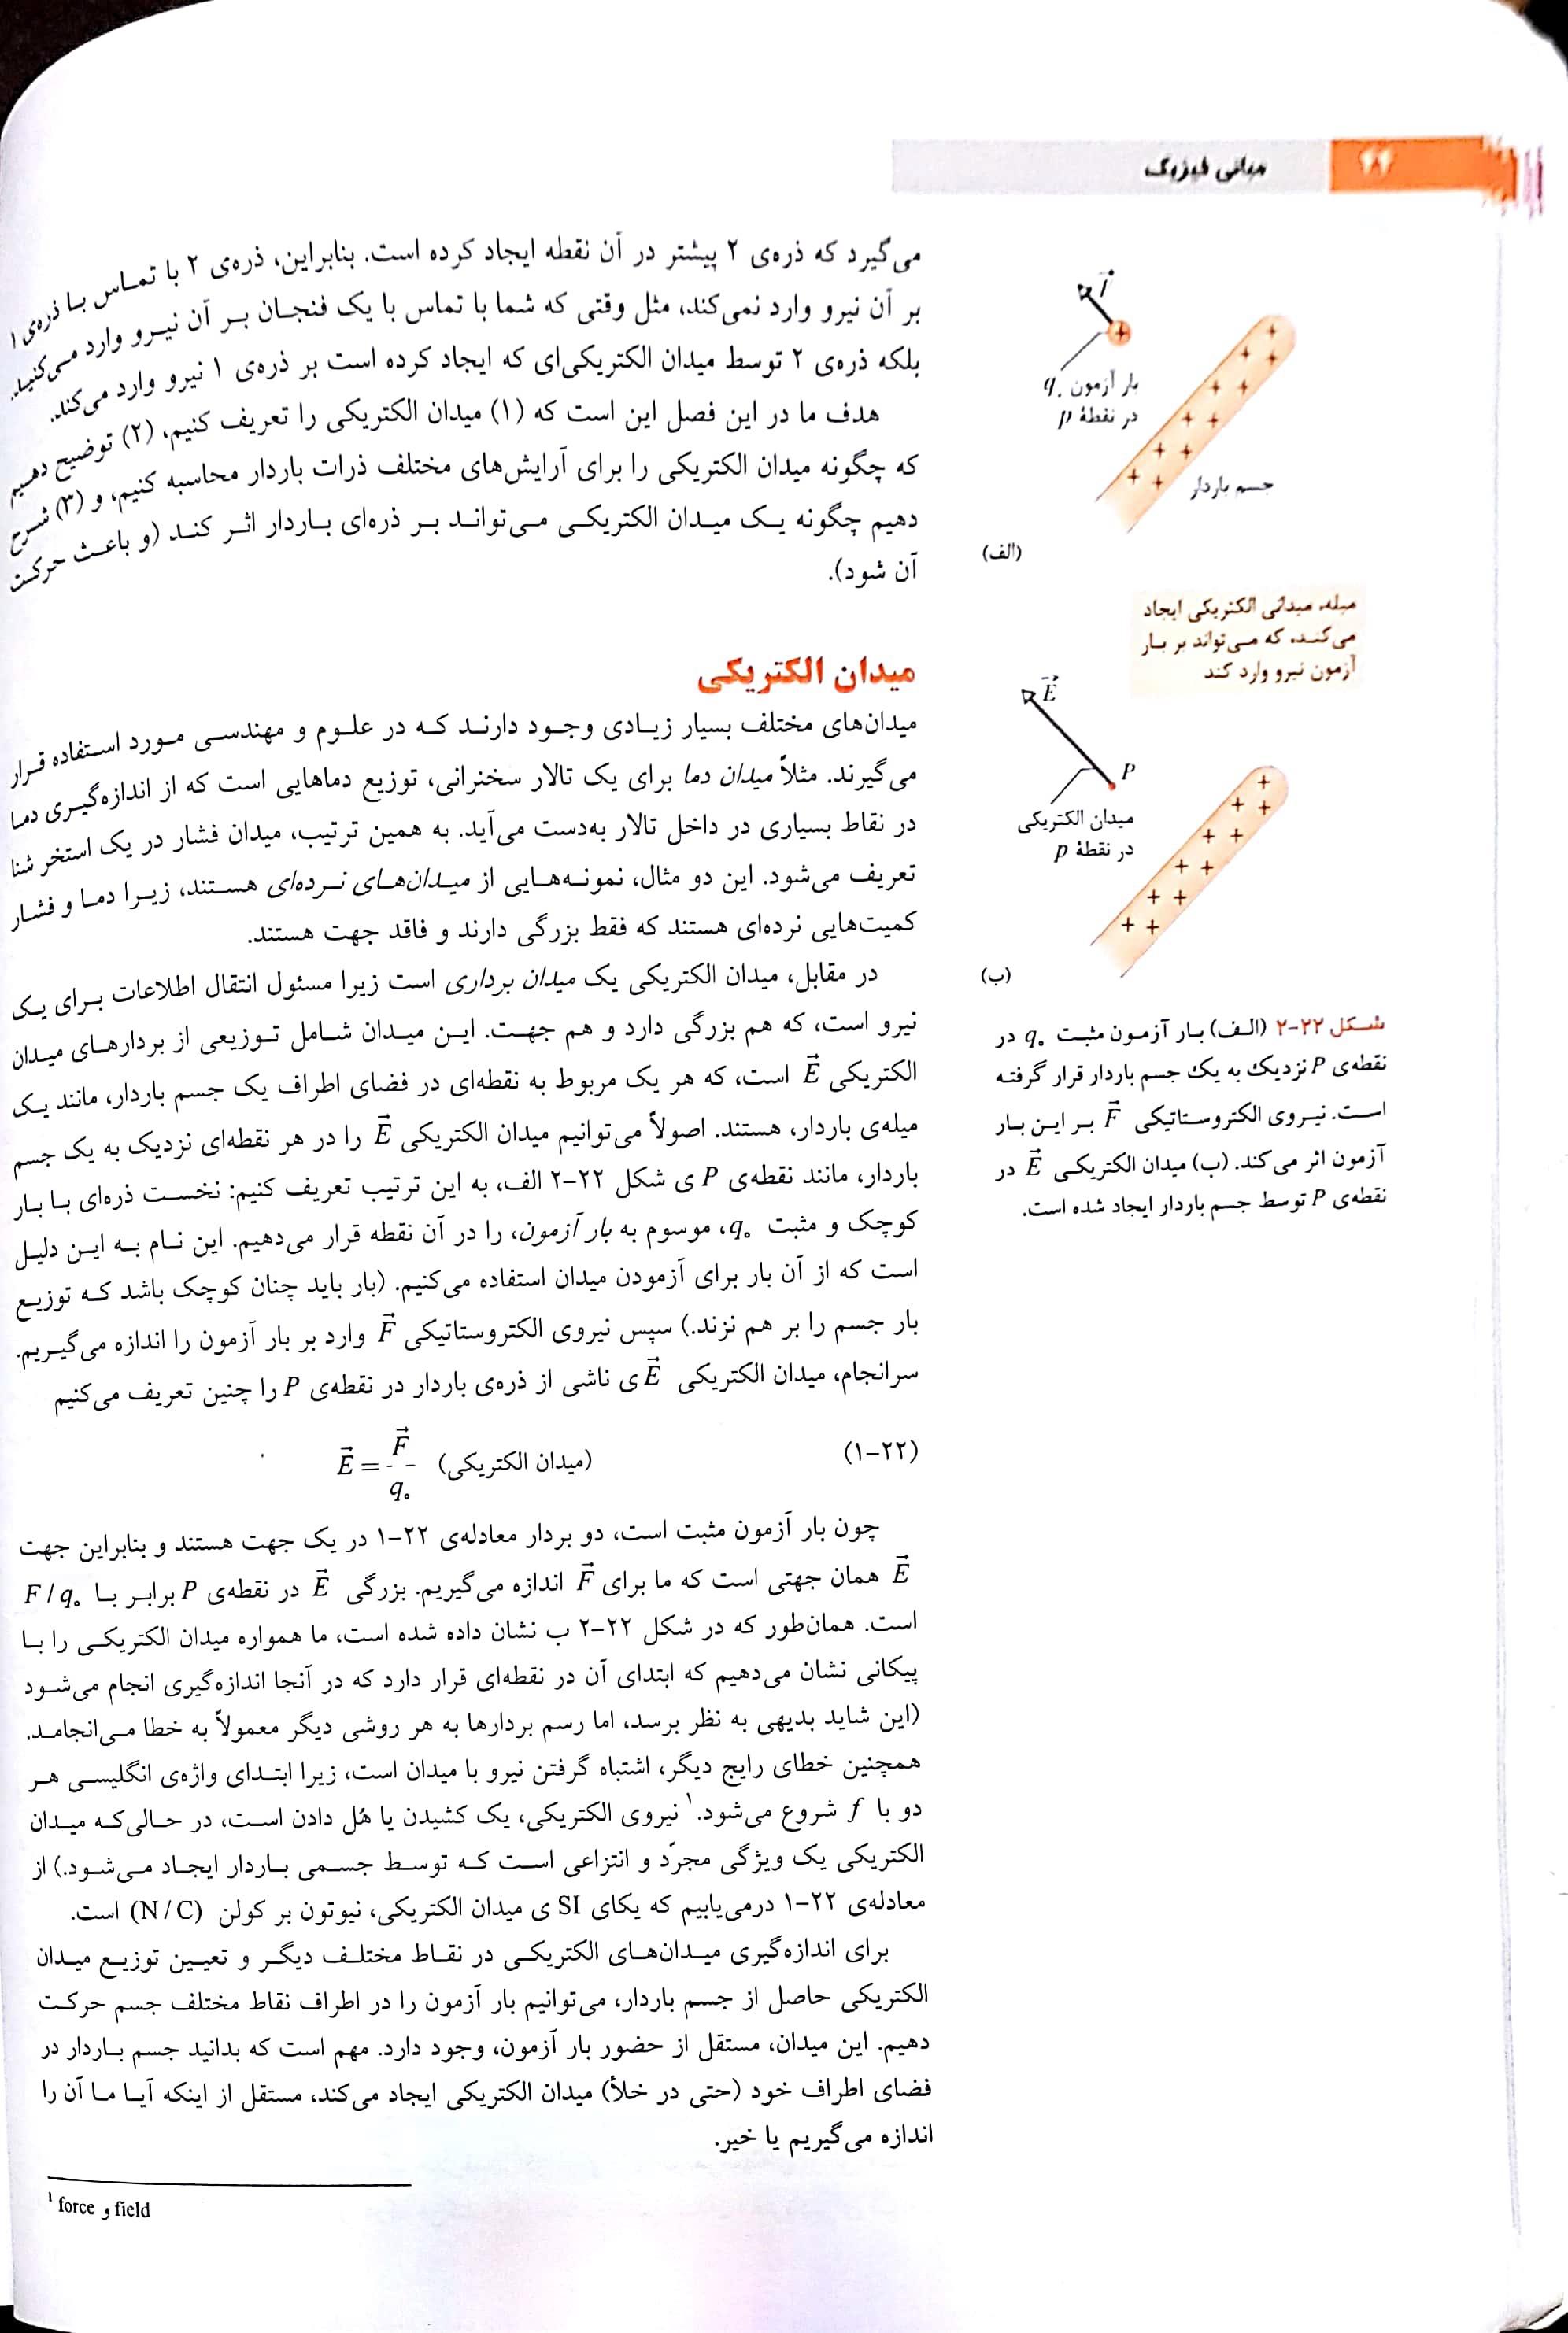 کتاب فیزیک هالیدی 2 ویرایش 10 فارسی